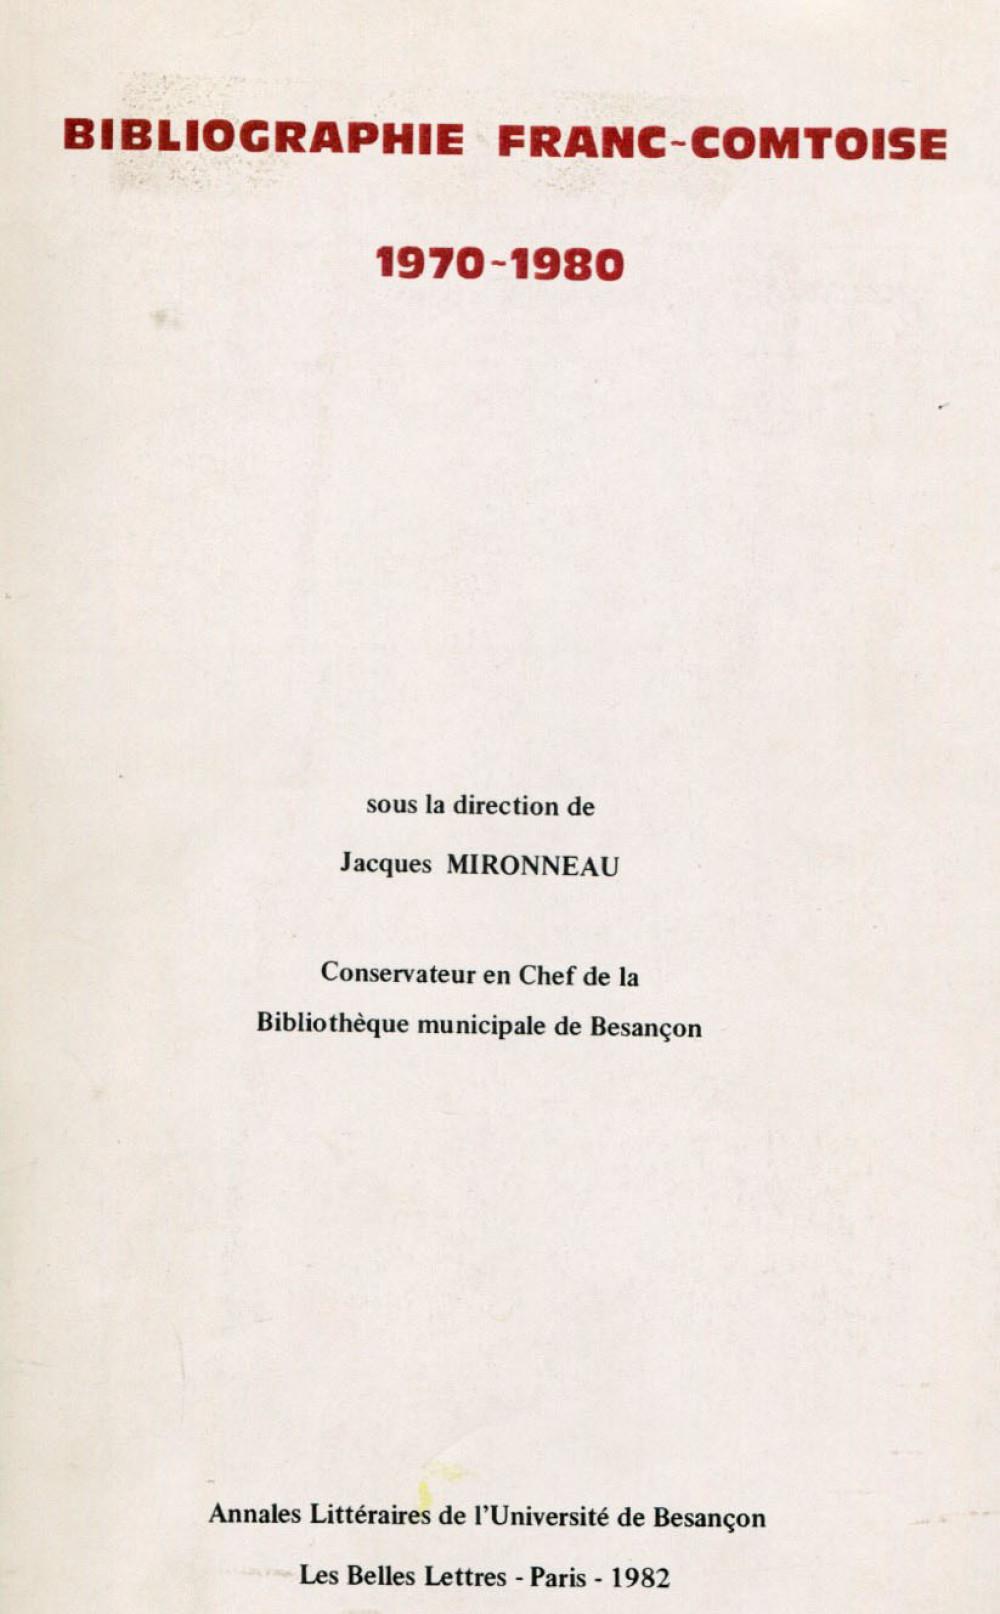 Bibliographie franc-comtoise (1970-1980)